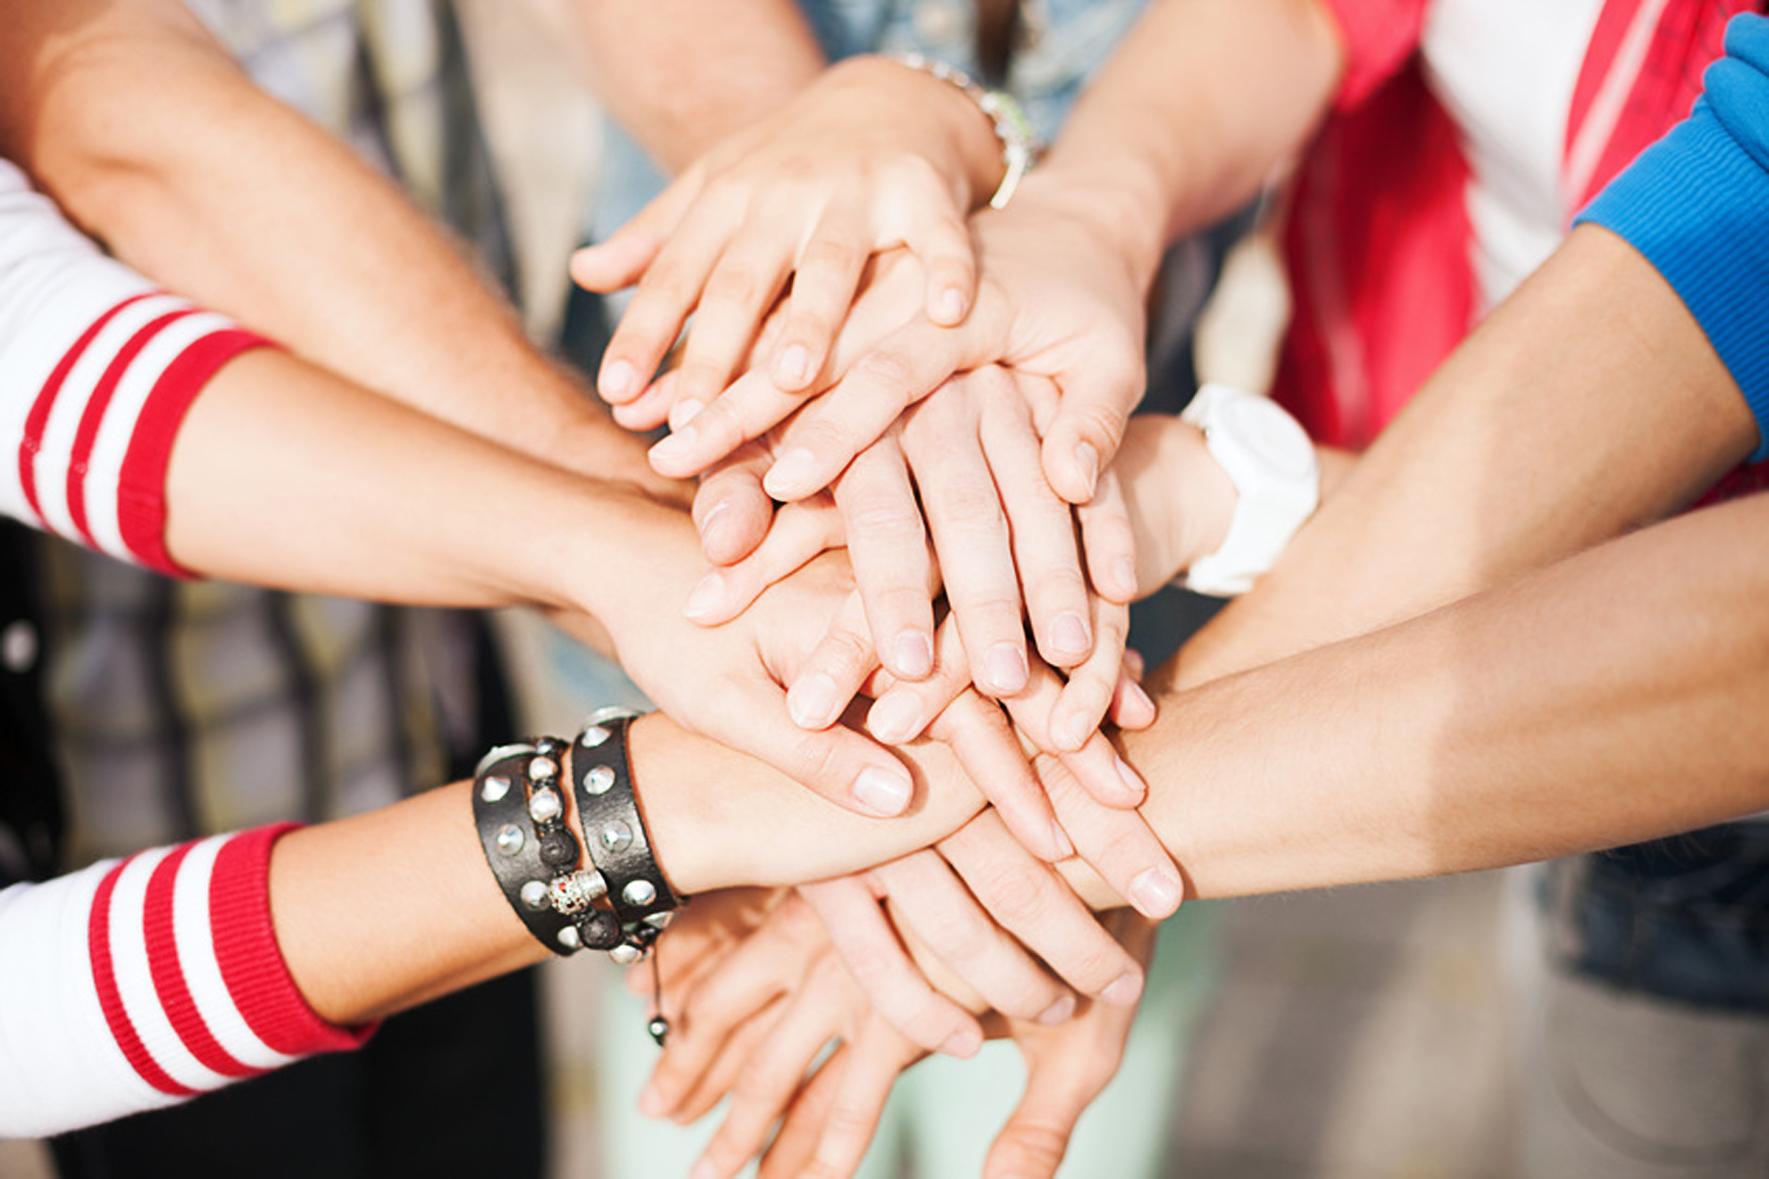 Выход из созависимости — Терапевтическая группа поддержки для женщин в СПб